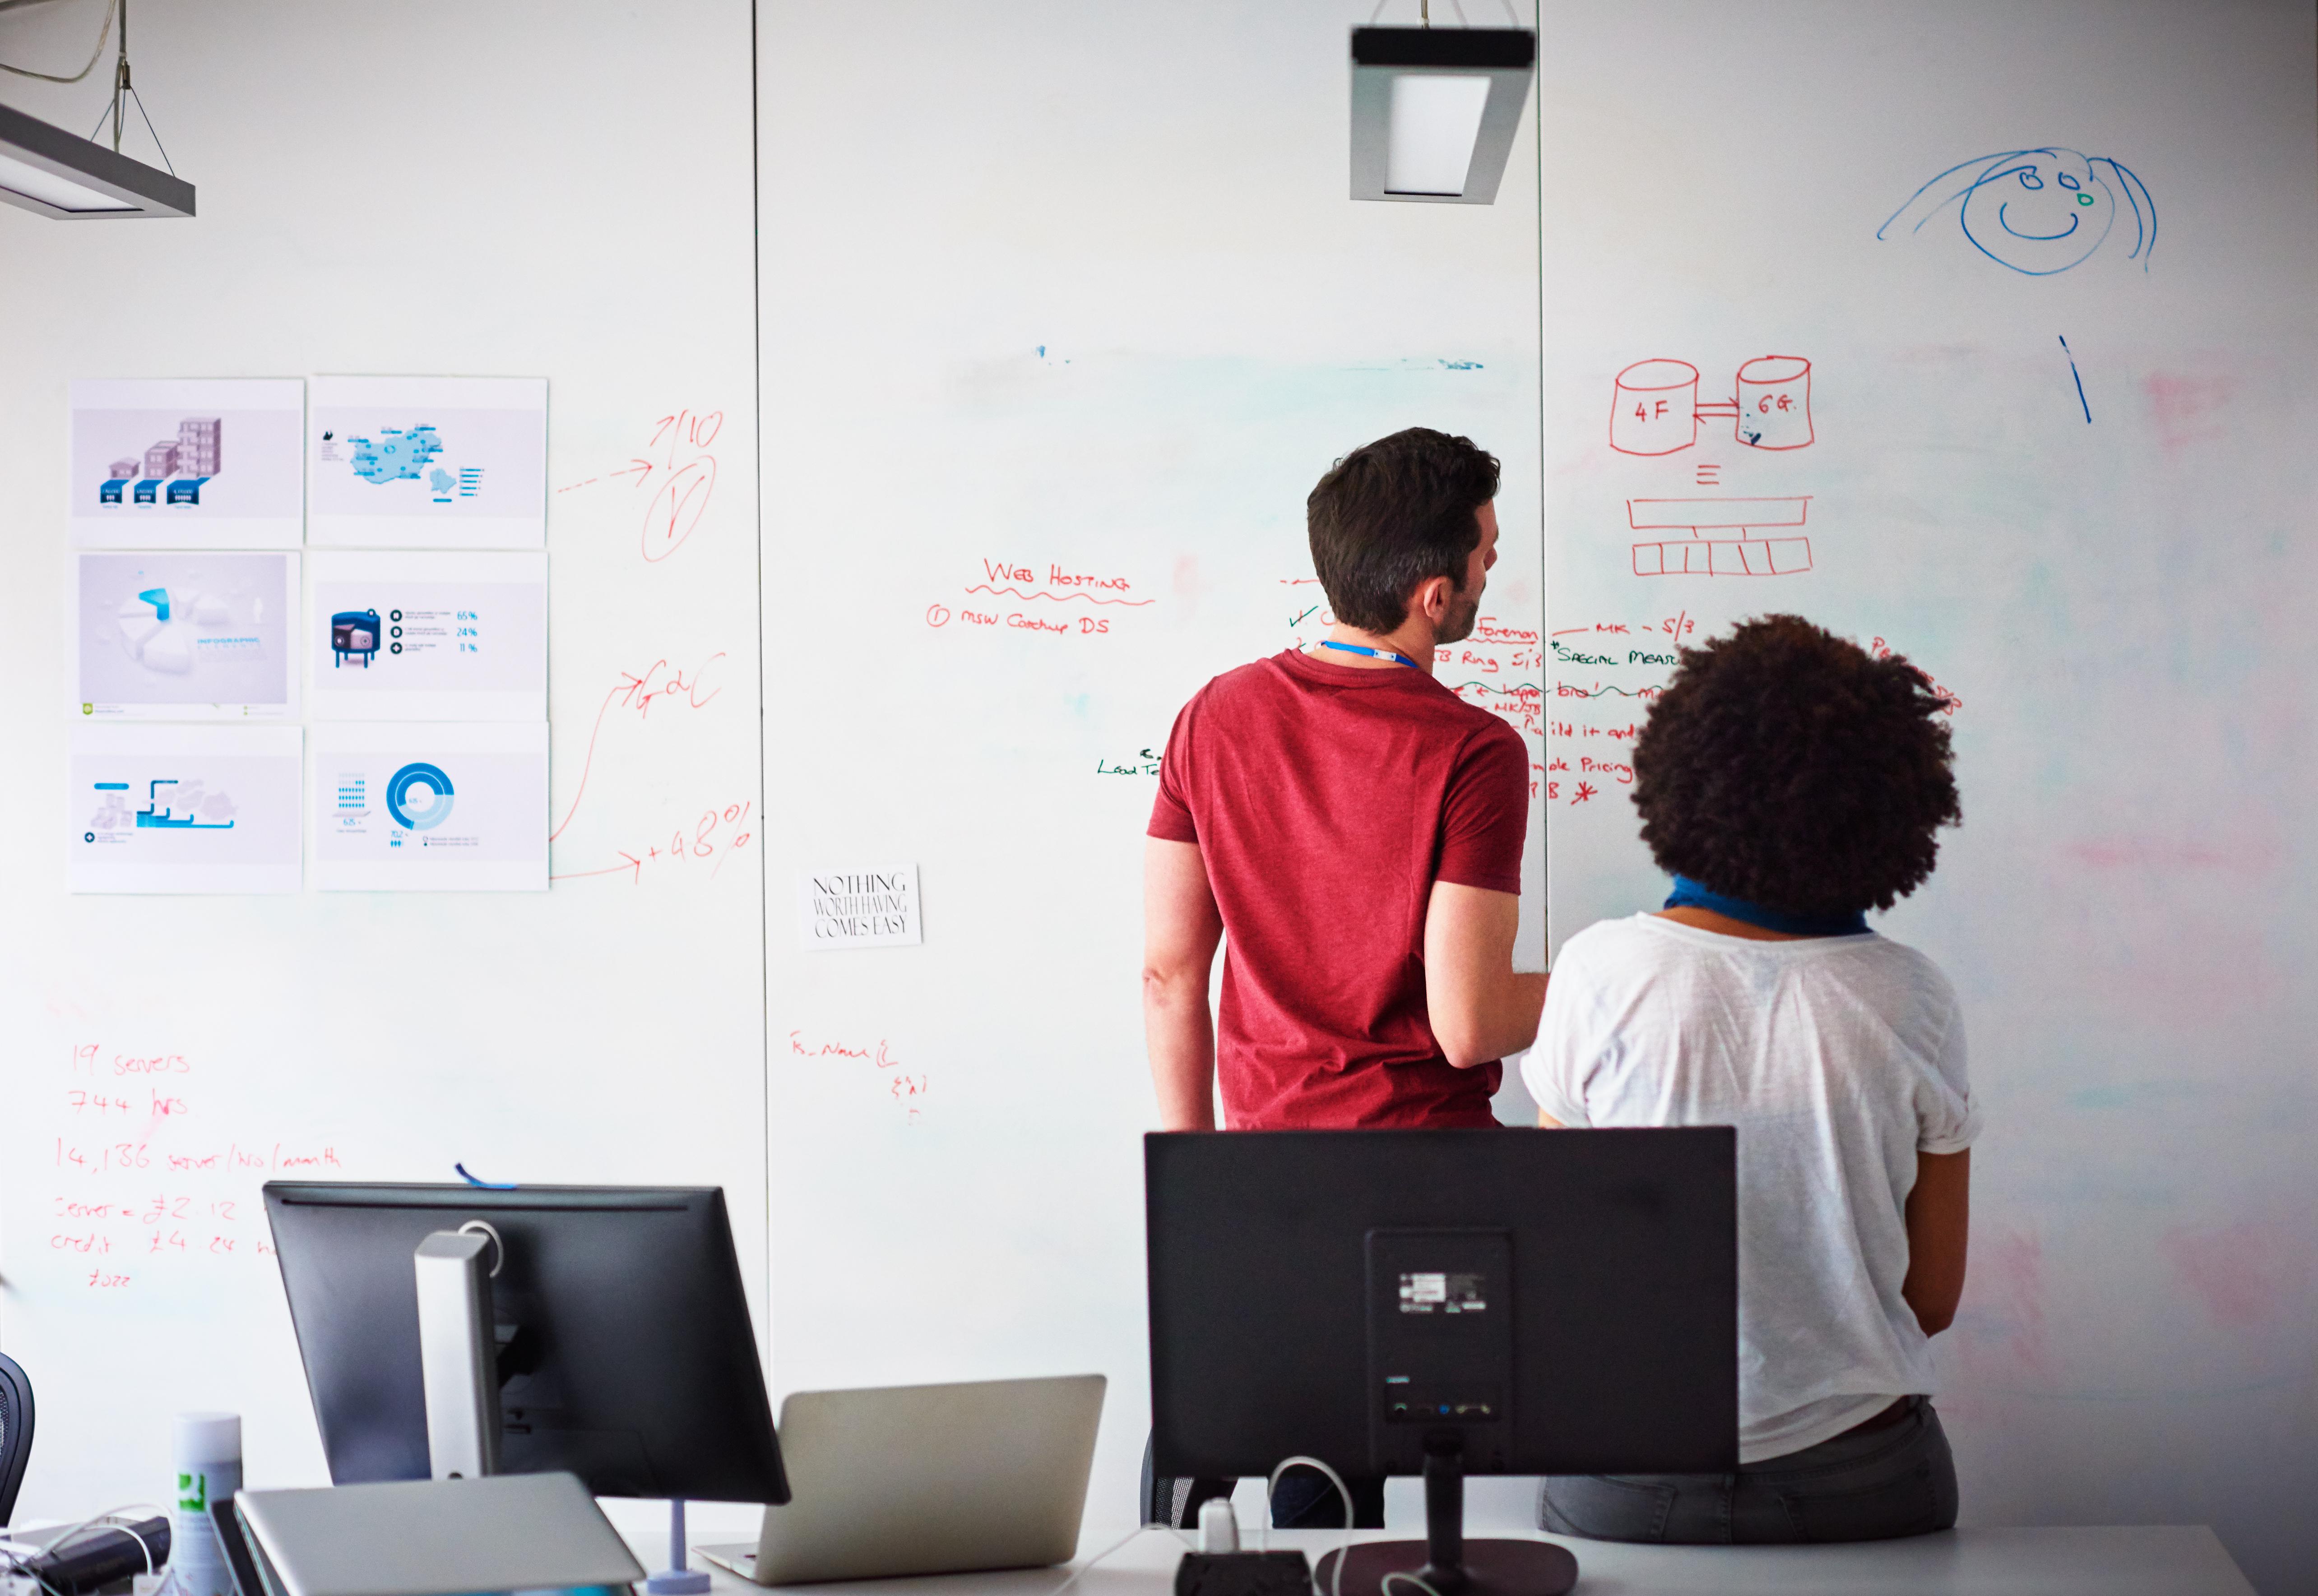 Tech Coworkers Brainstorming